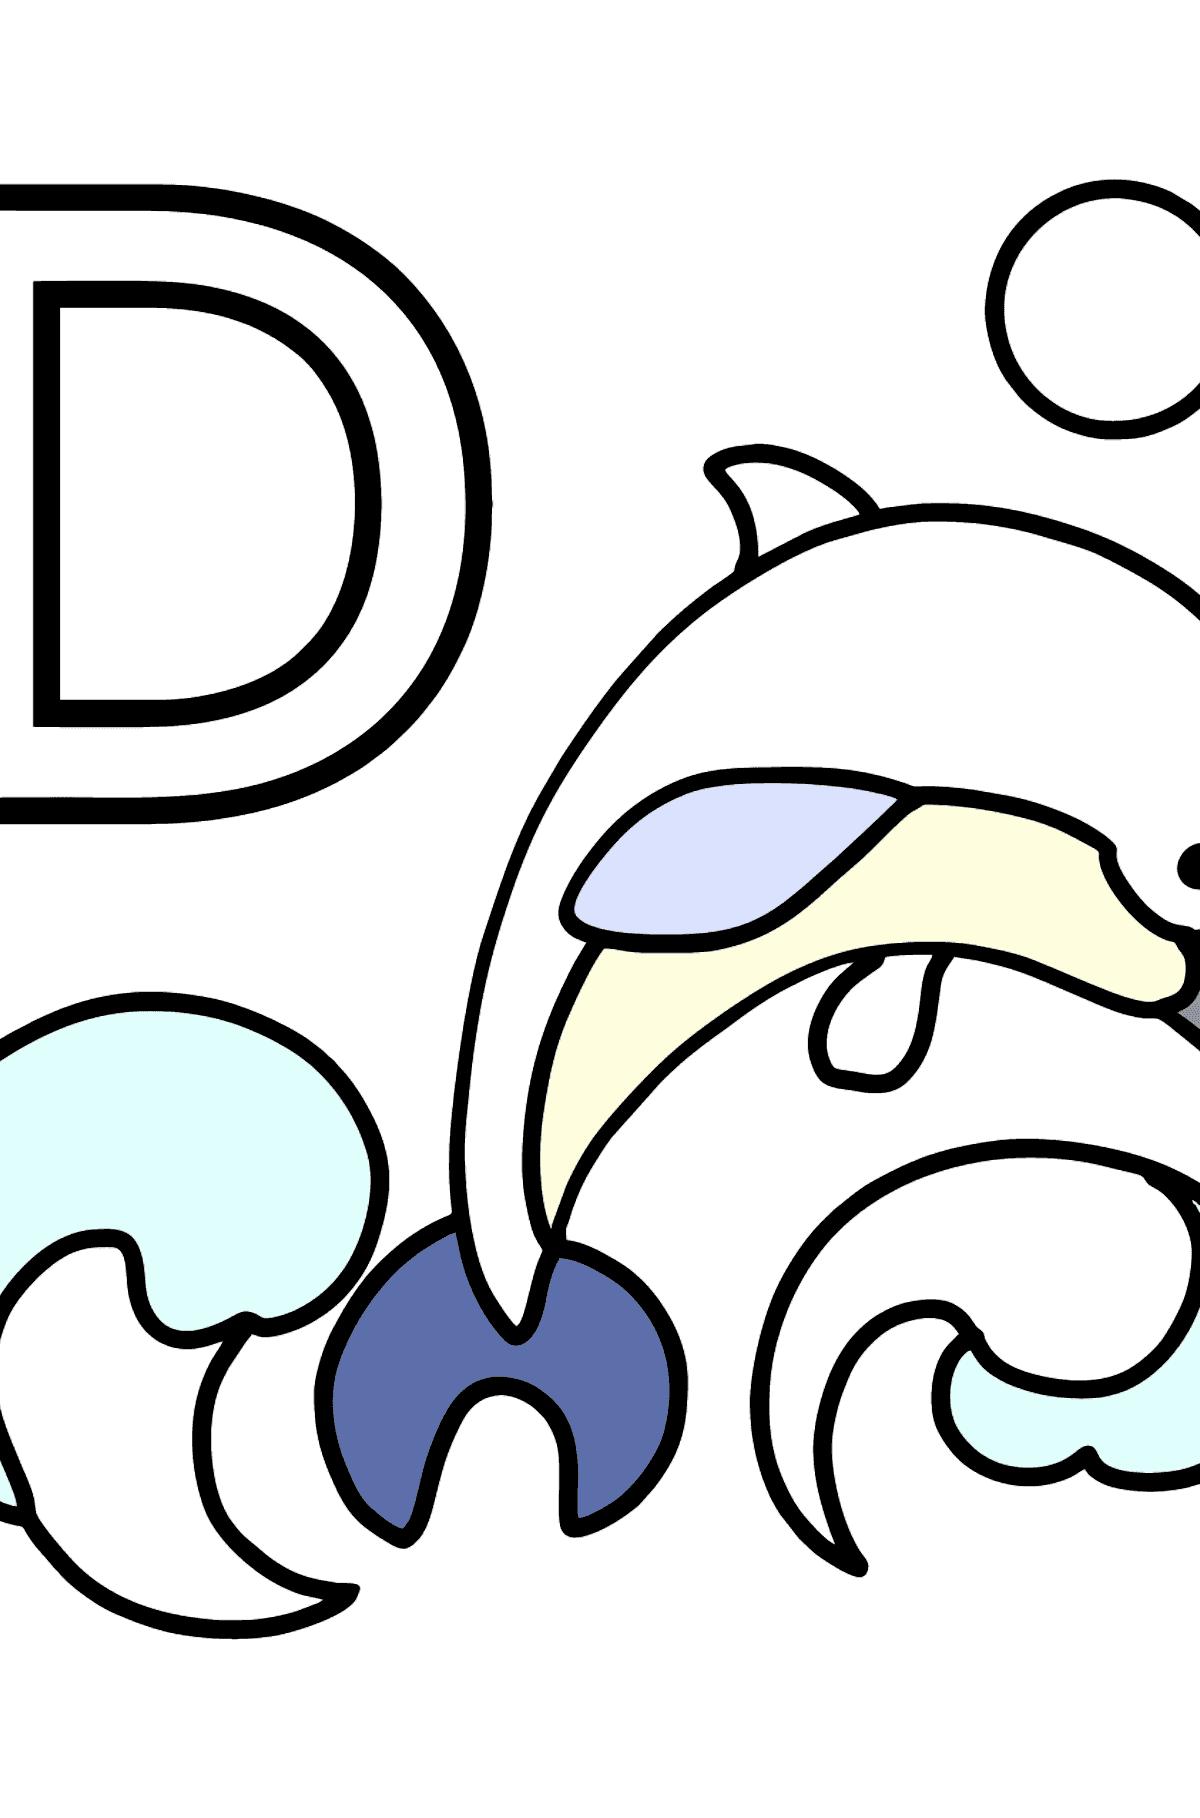 Coloriage - Lettre allemande D - DELFIN - Coloriages pour les Enfants